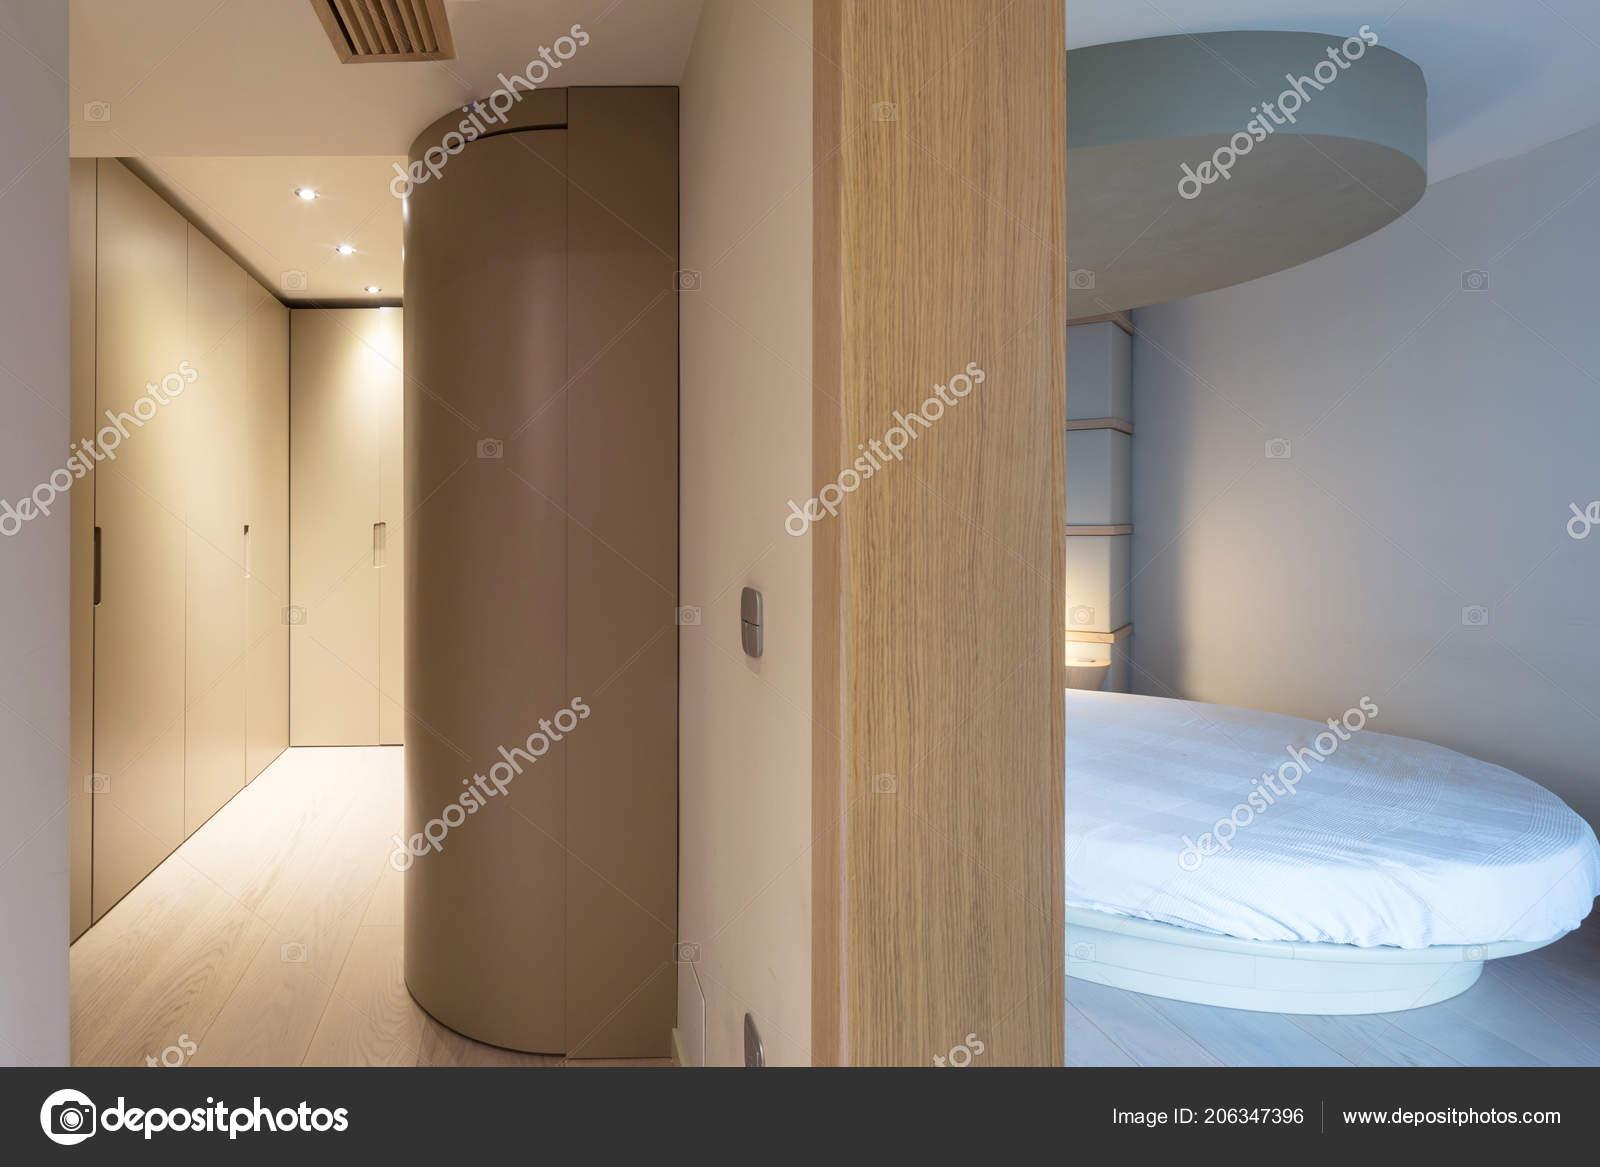 Kleedkamer In Slaapkamer : Slaapkamer met een ronde bed een aangrenzende kleedkamer niemand